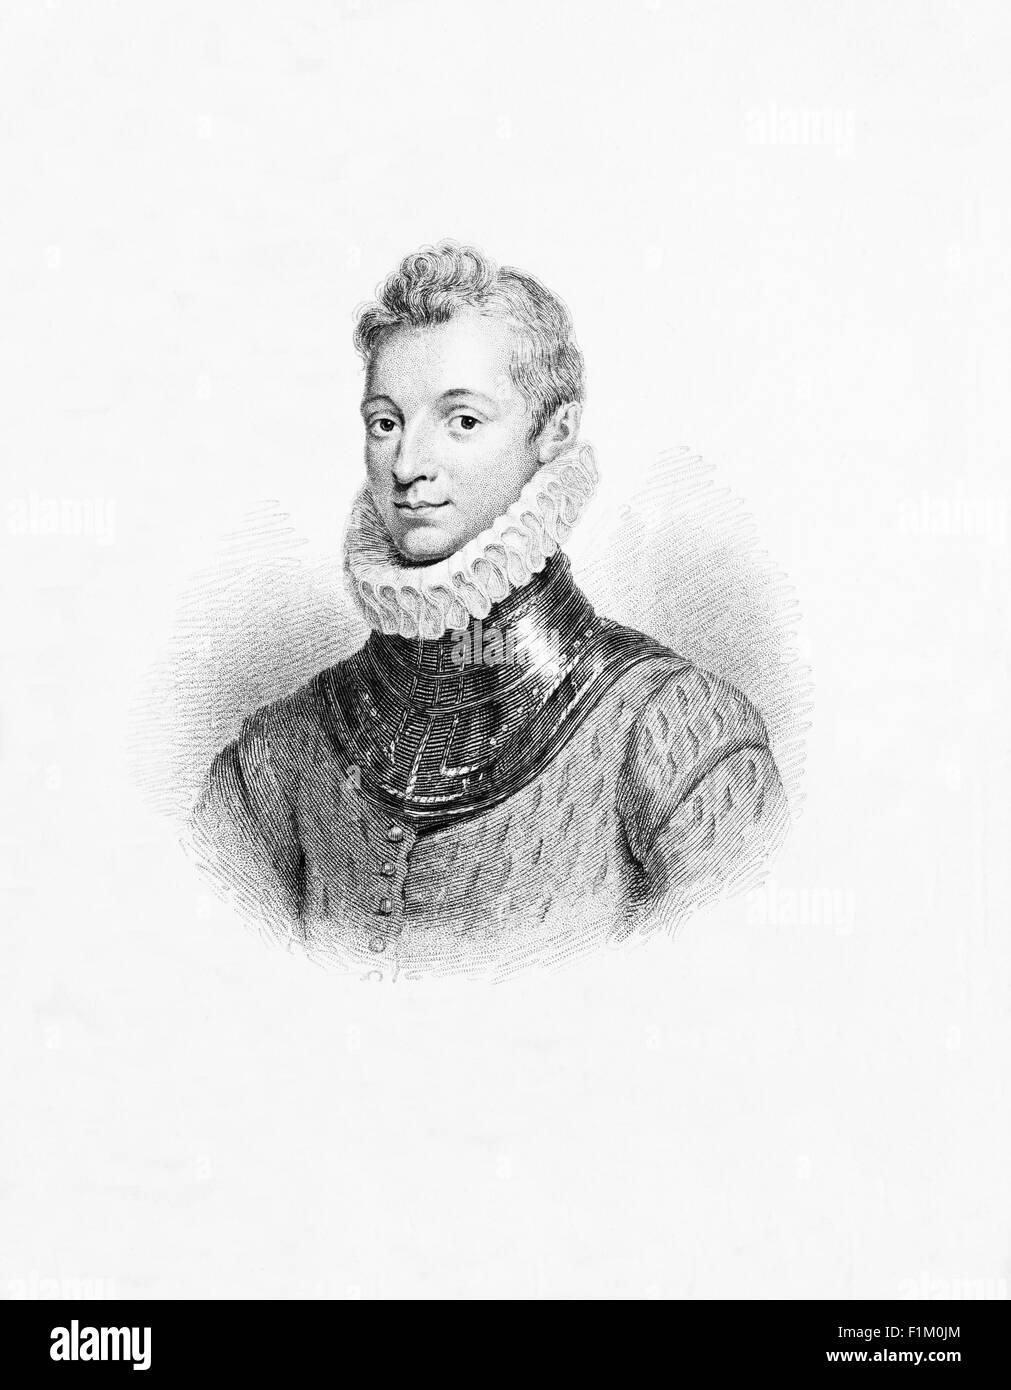 Sir Philip Sidney (1554-1586) ein englischer Dichter, Höfling und Soldat, erinnerte als einer der prominentesten Stockbild